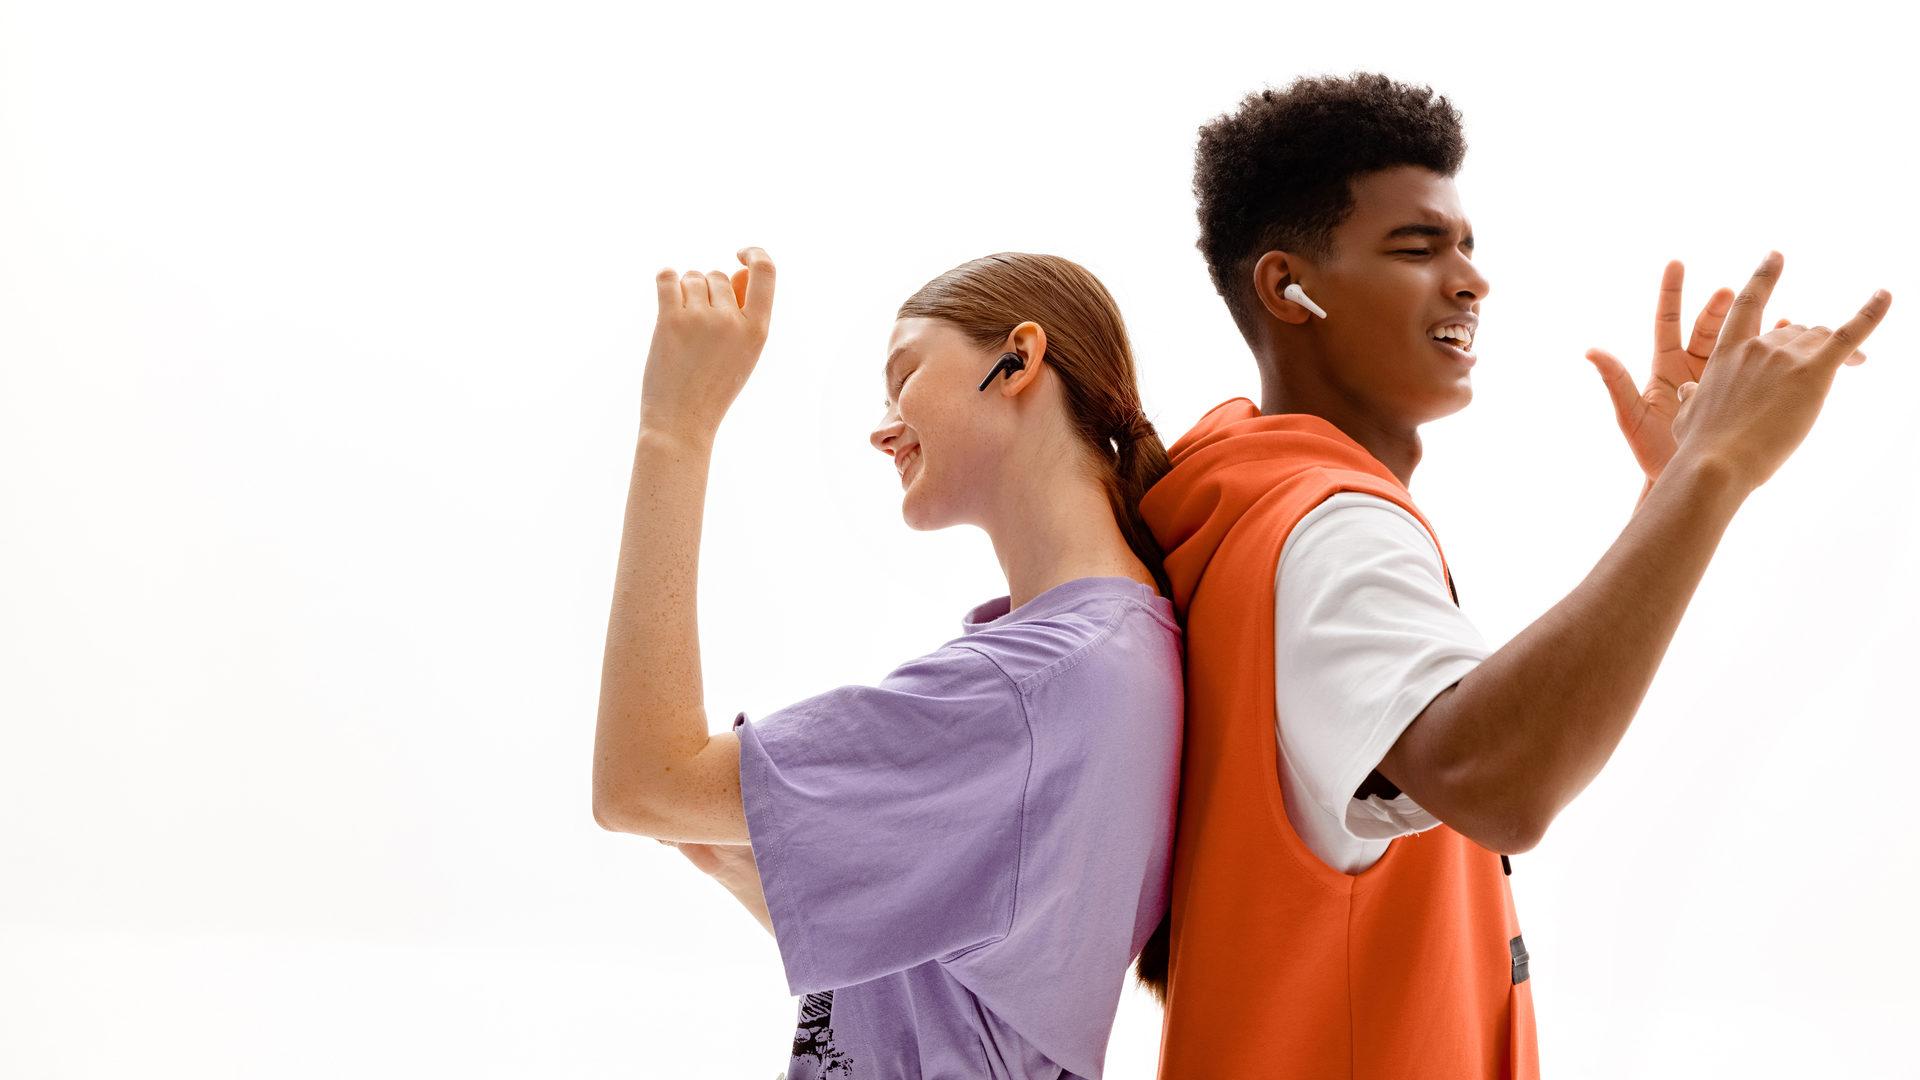 Duas pessoas usam o 1MORE Comfobuds 2 enquanto dançam.